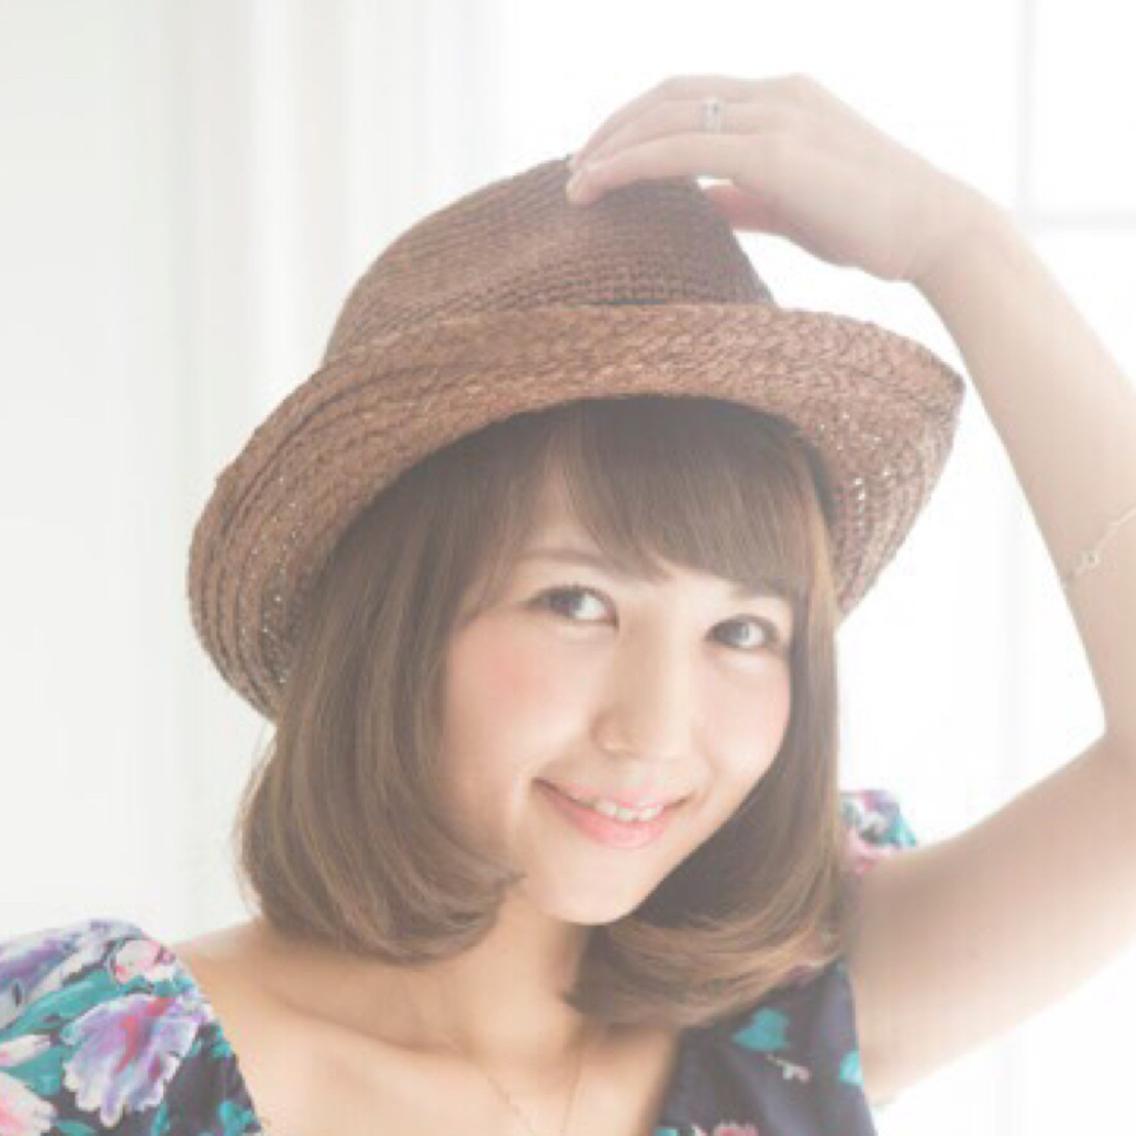 夏☆*:.。. o(≧▽≦)o .。.:*☆